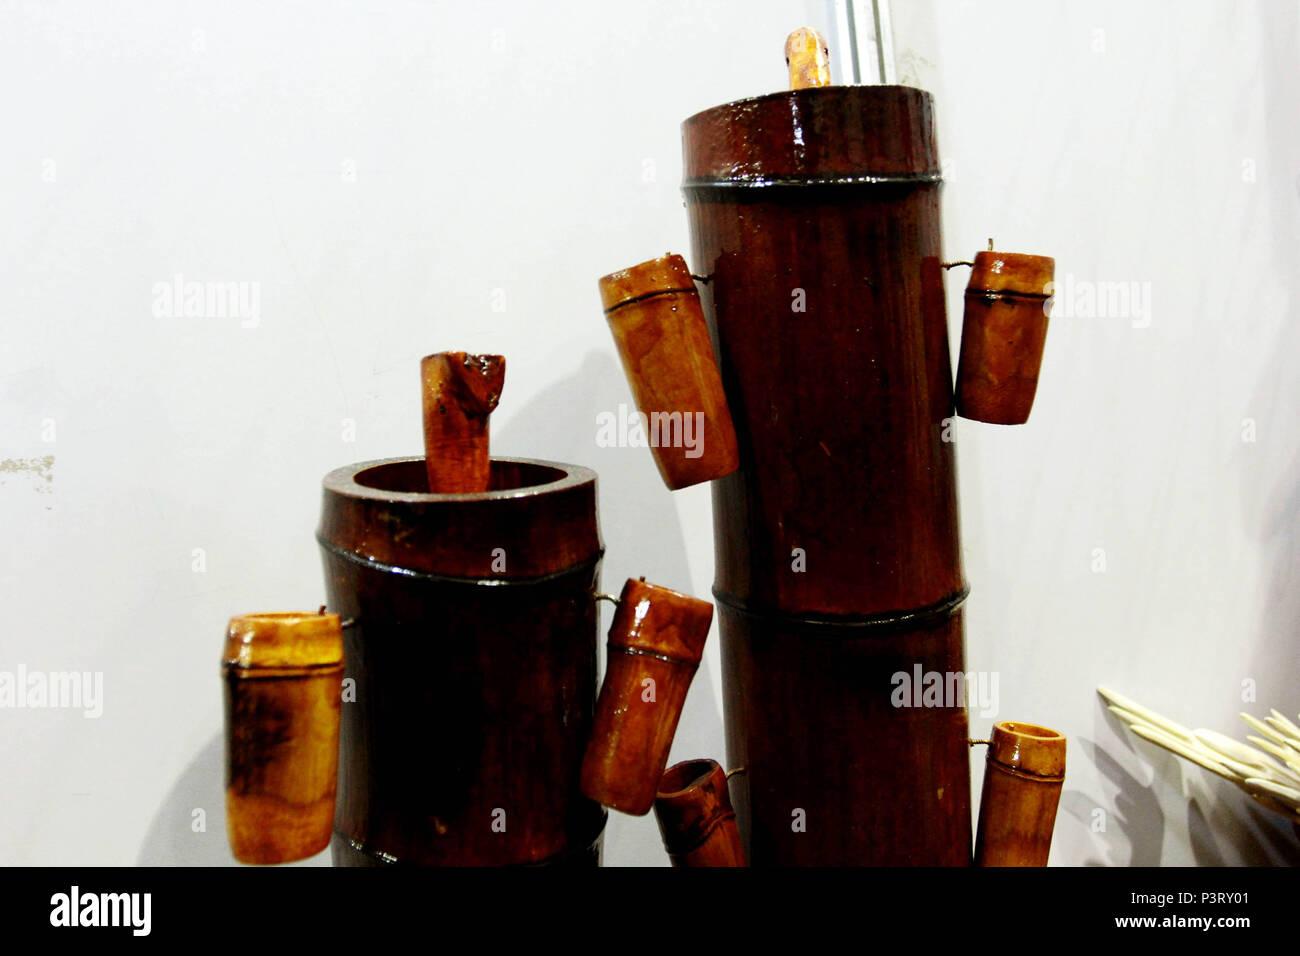 SÃO ROQUE, SP – 03.10.2015: UTENSÍLIOS DE BAMBU - Utensílios feitos a partir de bambu. Alambique e copos de bambu. (Foto: Aloisio Mauricio / Fotoarena) Stock Photo